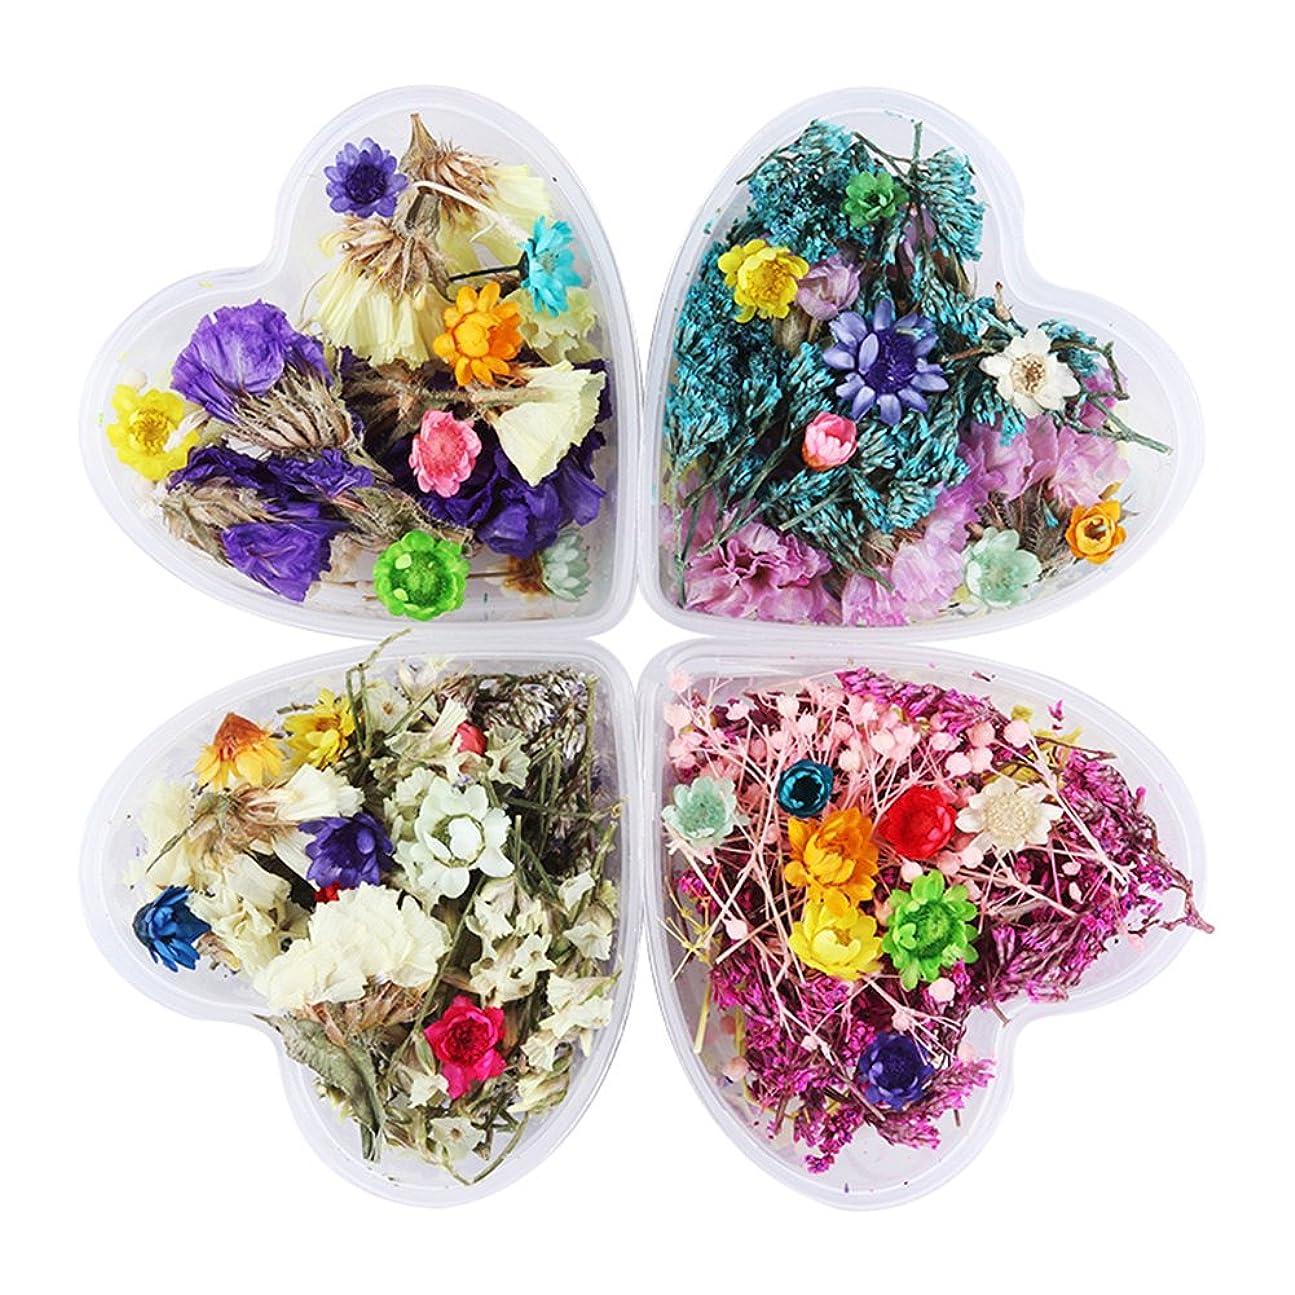 タイプライター謝る才能のあるBORN PRETTY 押し花 ドライフラワー 4ボックスセット 3Dネイル 花材 レジンデコレーション DIYデコレーション飾り用品 (セット4) [並行輸入品]